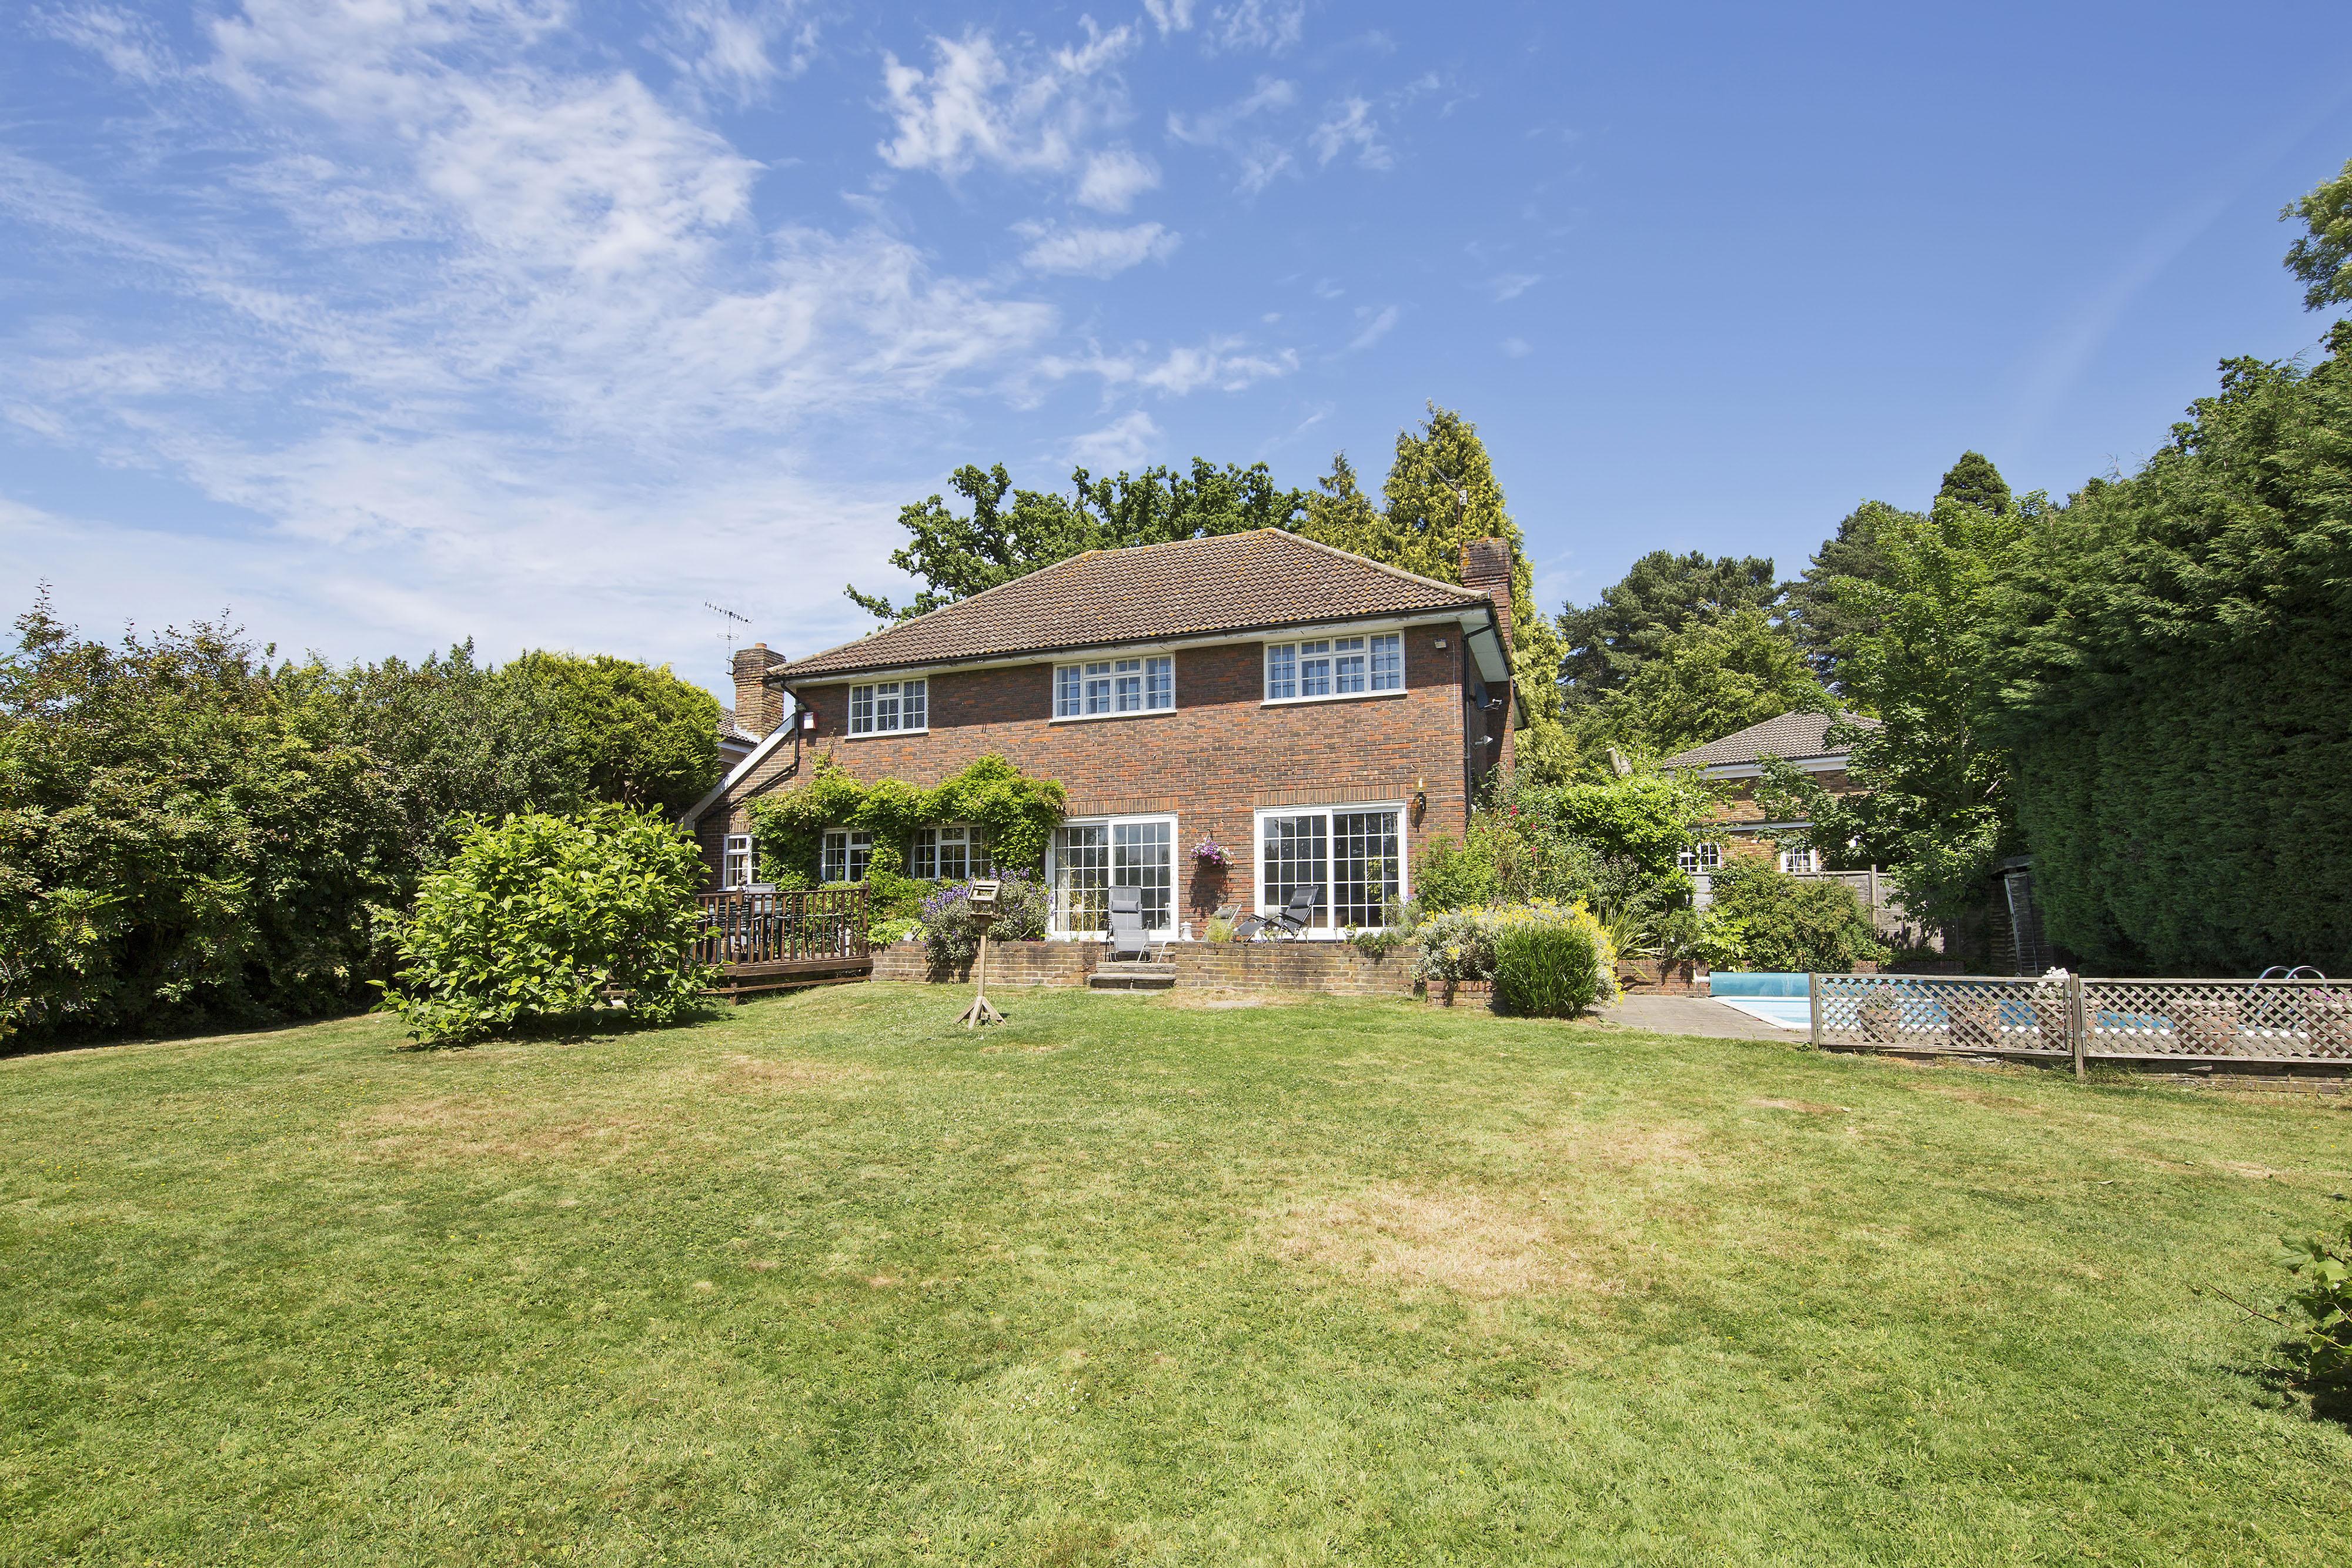 Villa per Vendita alle ore Oxshott Old Farmhouse Drive Oxshott, Inghilterra KT220EY Regno Unito